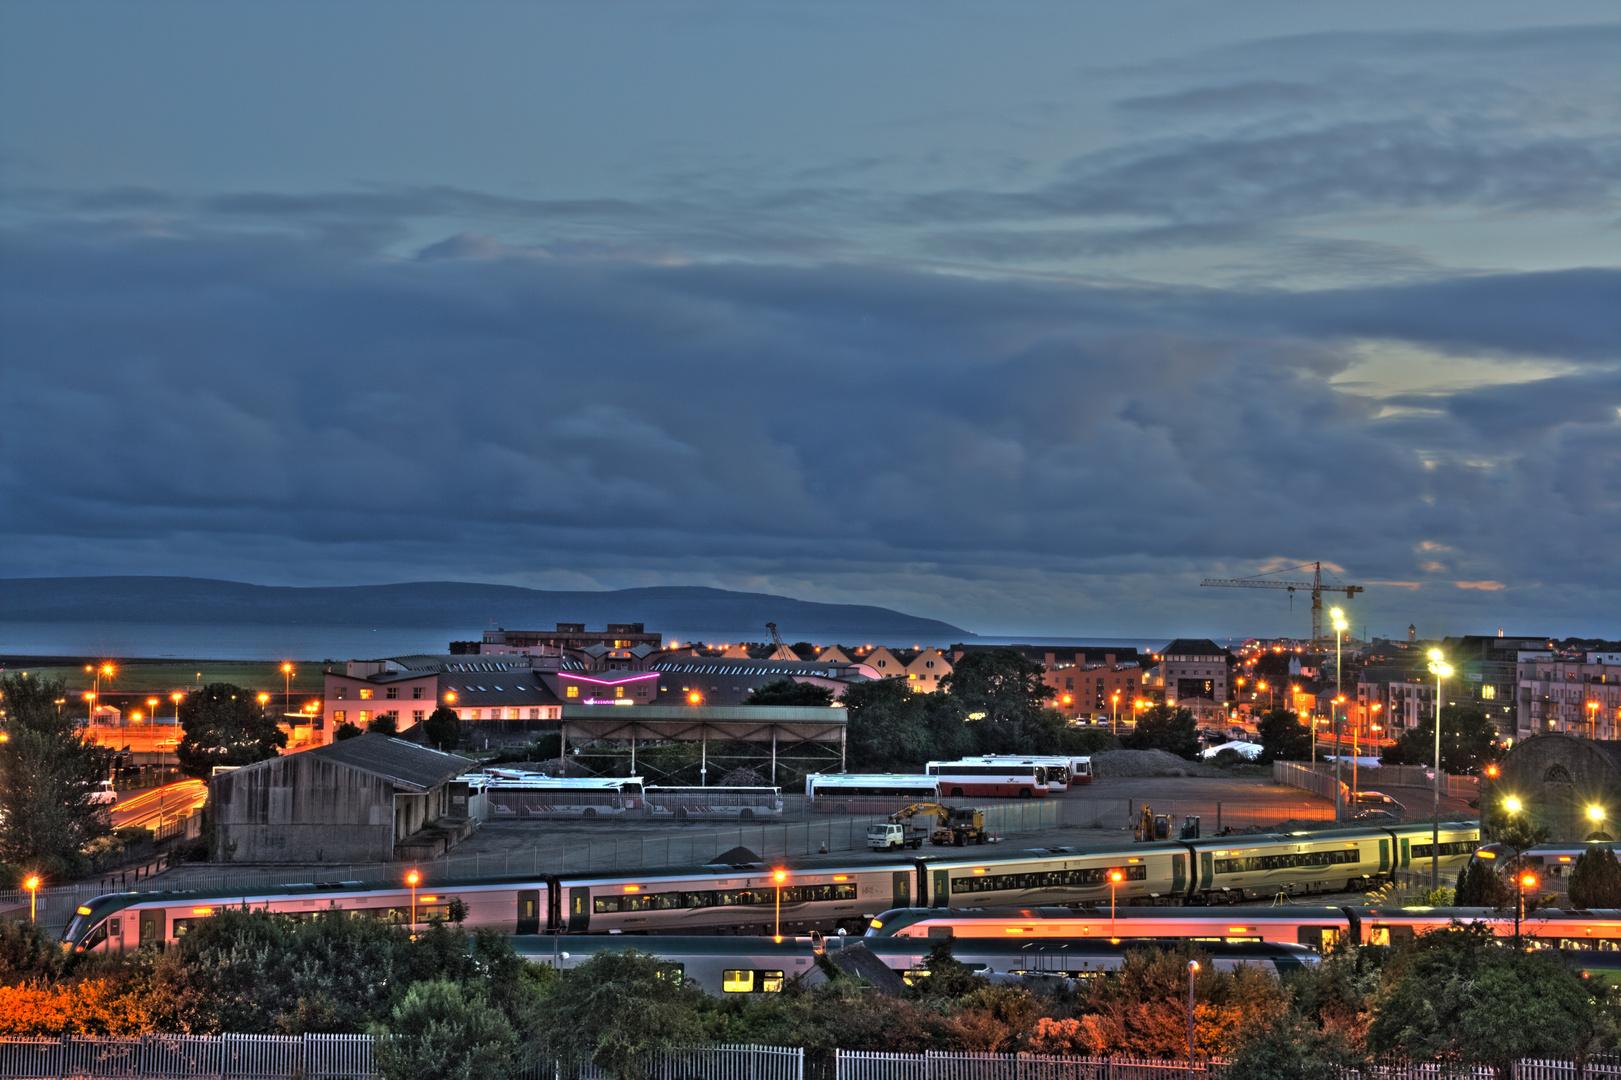 Hafen in Galway vom Balkon aus dem Hotel